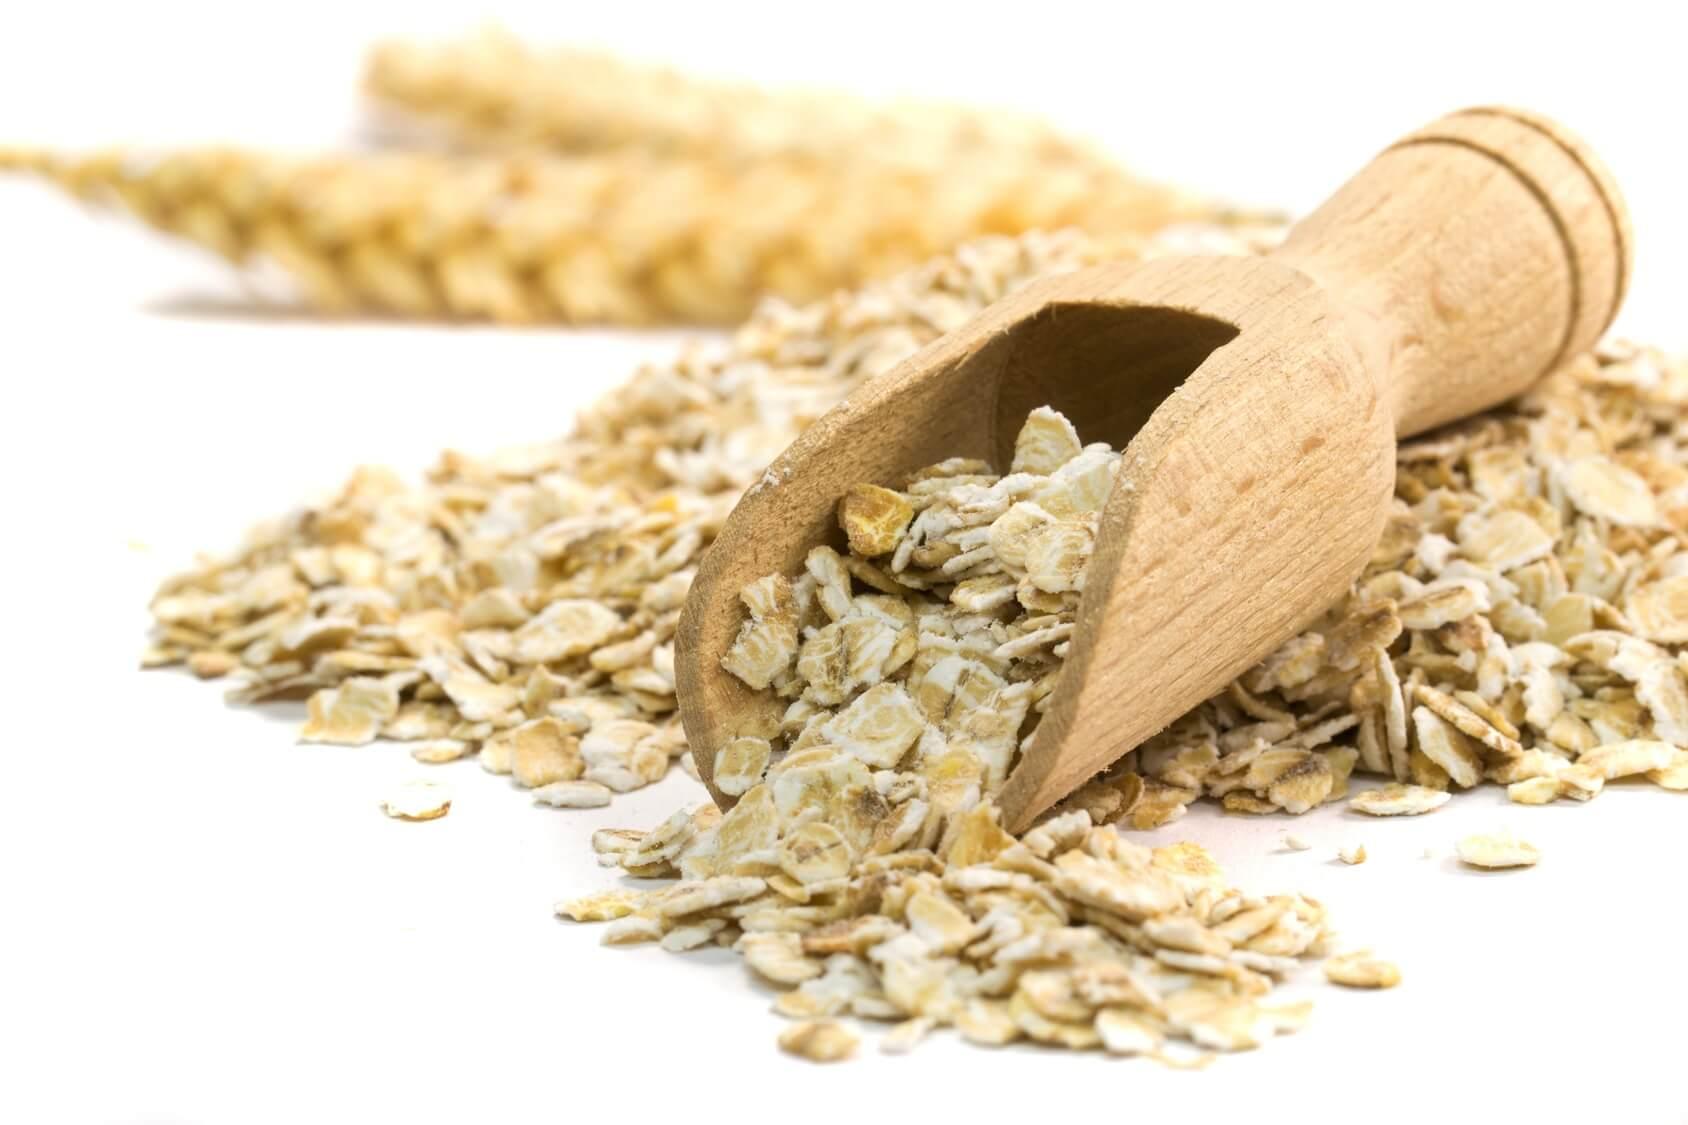 В состав овса входят: аминокислоты — триптофан и лизин, эфирные масла, камедь, витамины В1, В2, В6, К, РР, Е, каротин, калий, хром